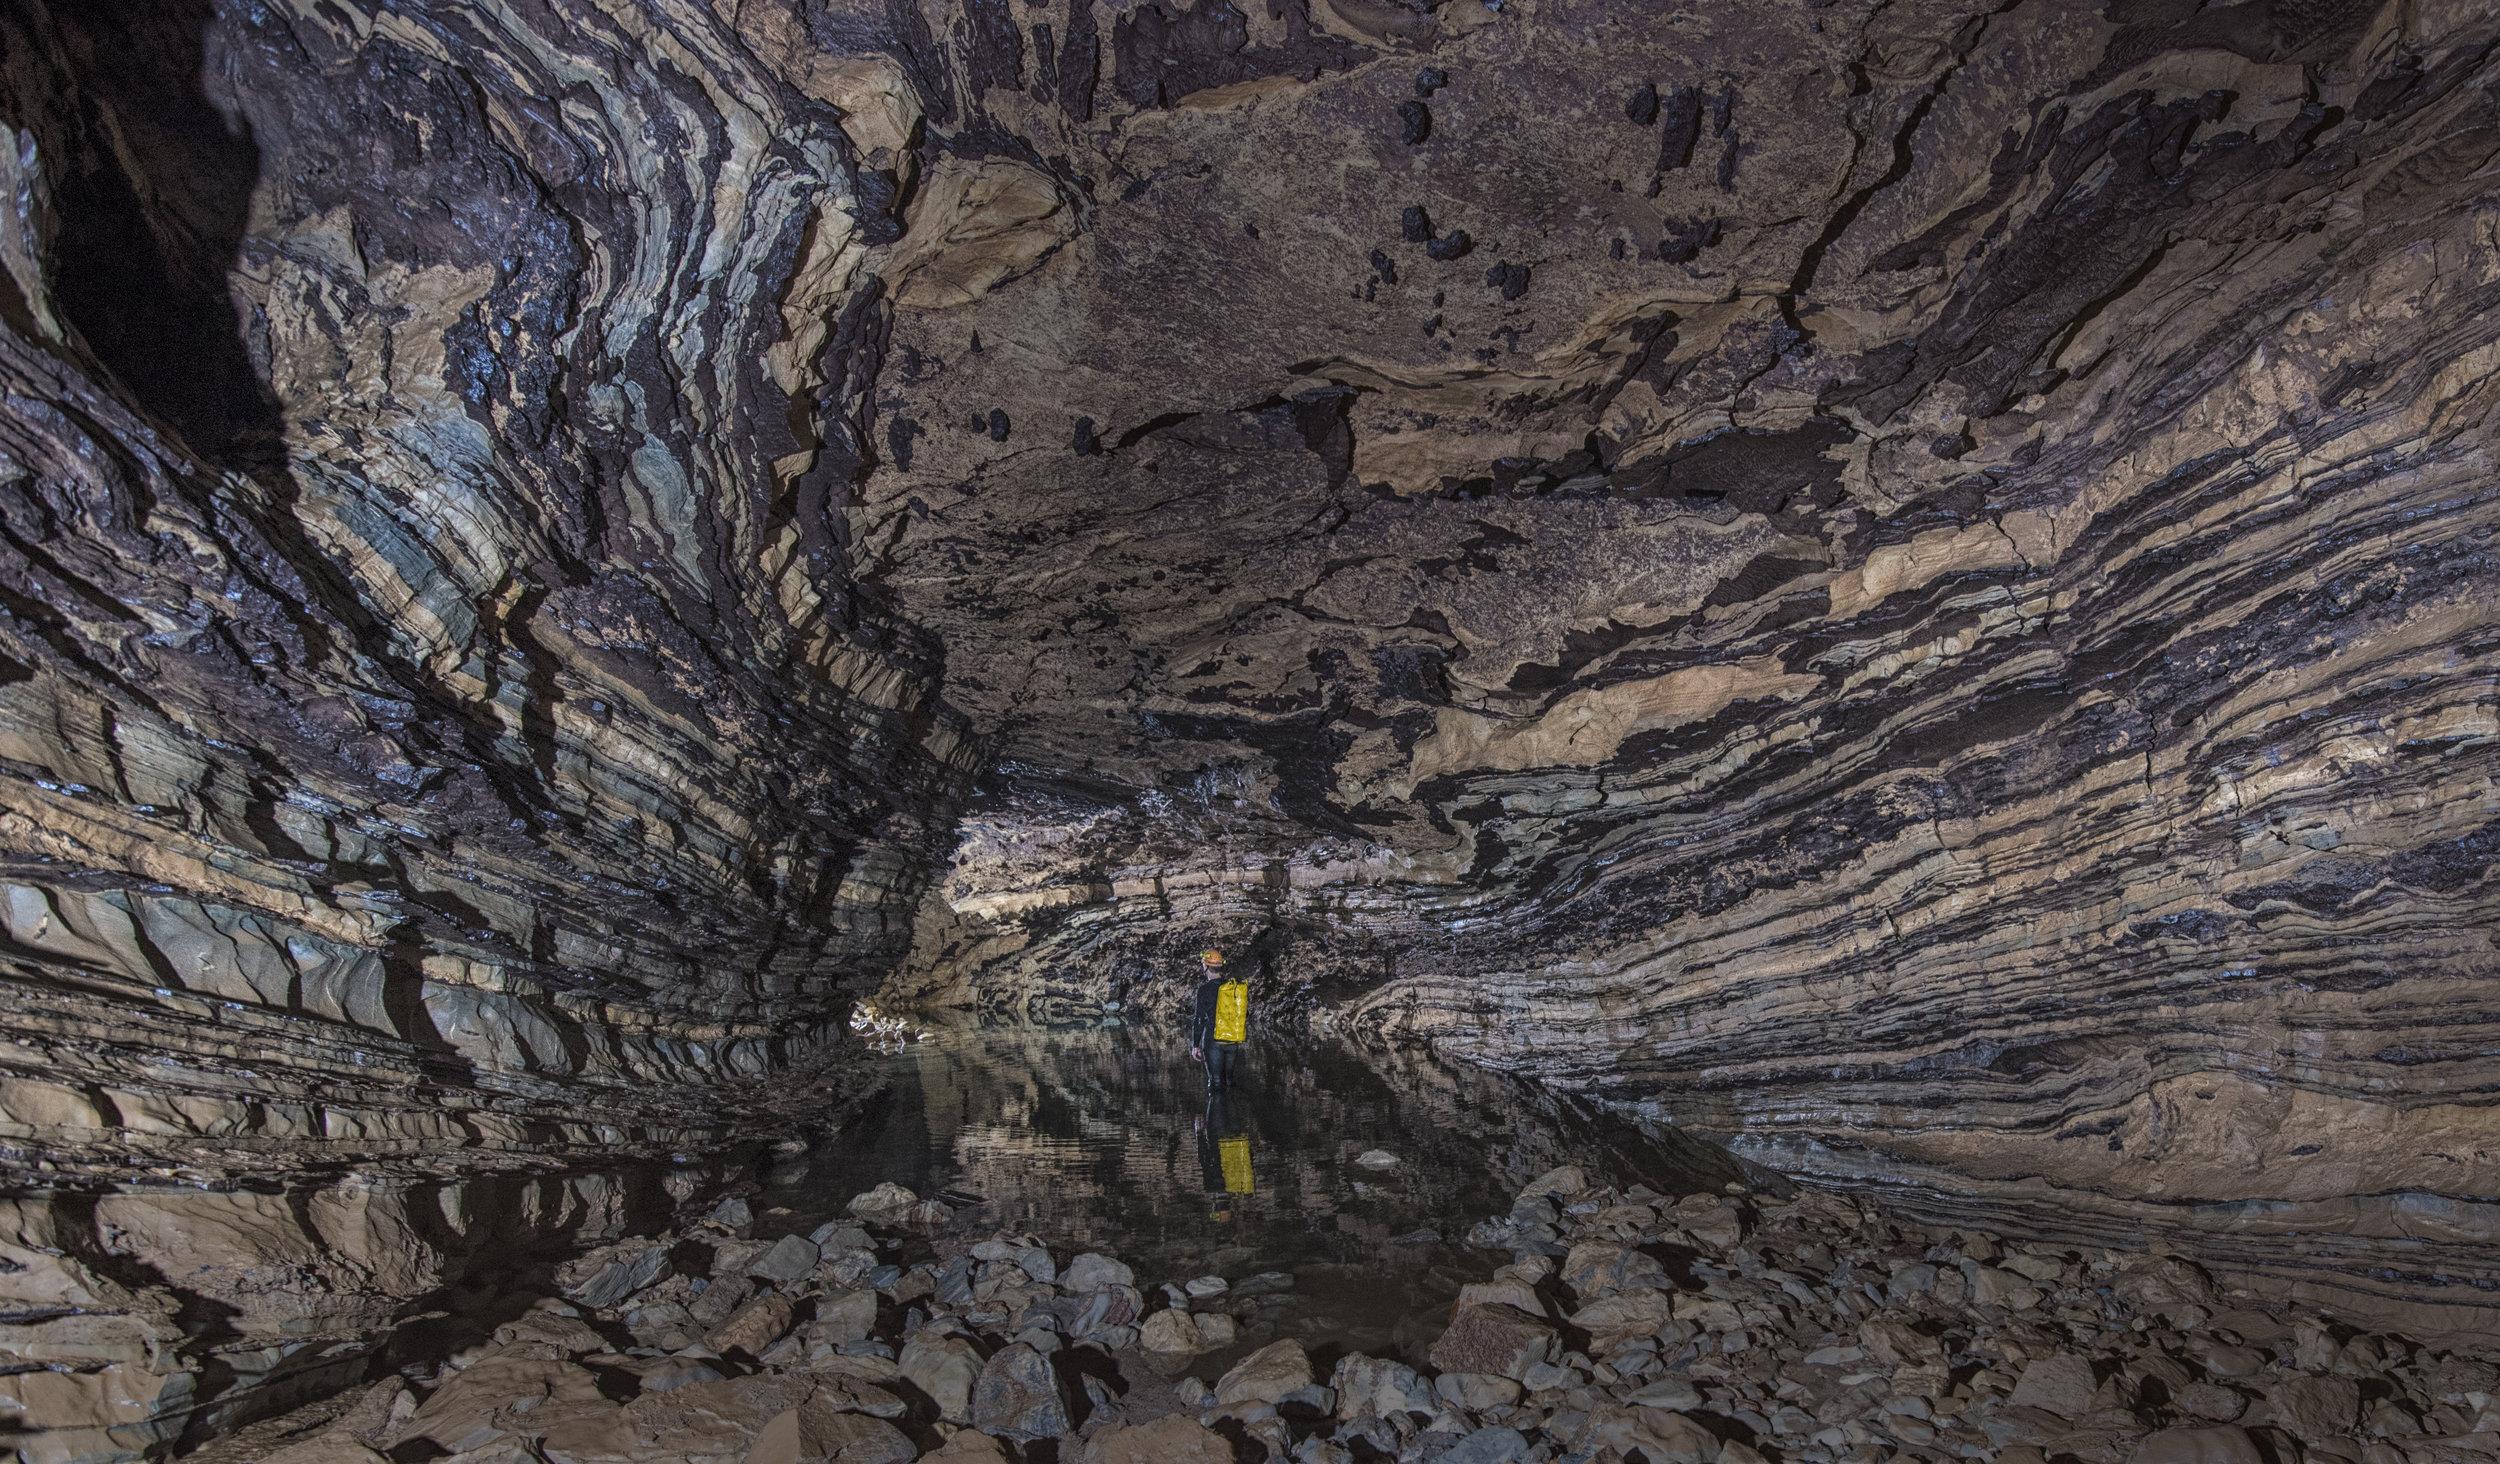 cueva-de-la-pena-colorada_27322134708_o.jpg